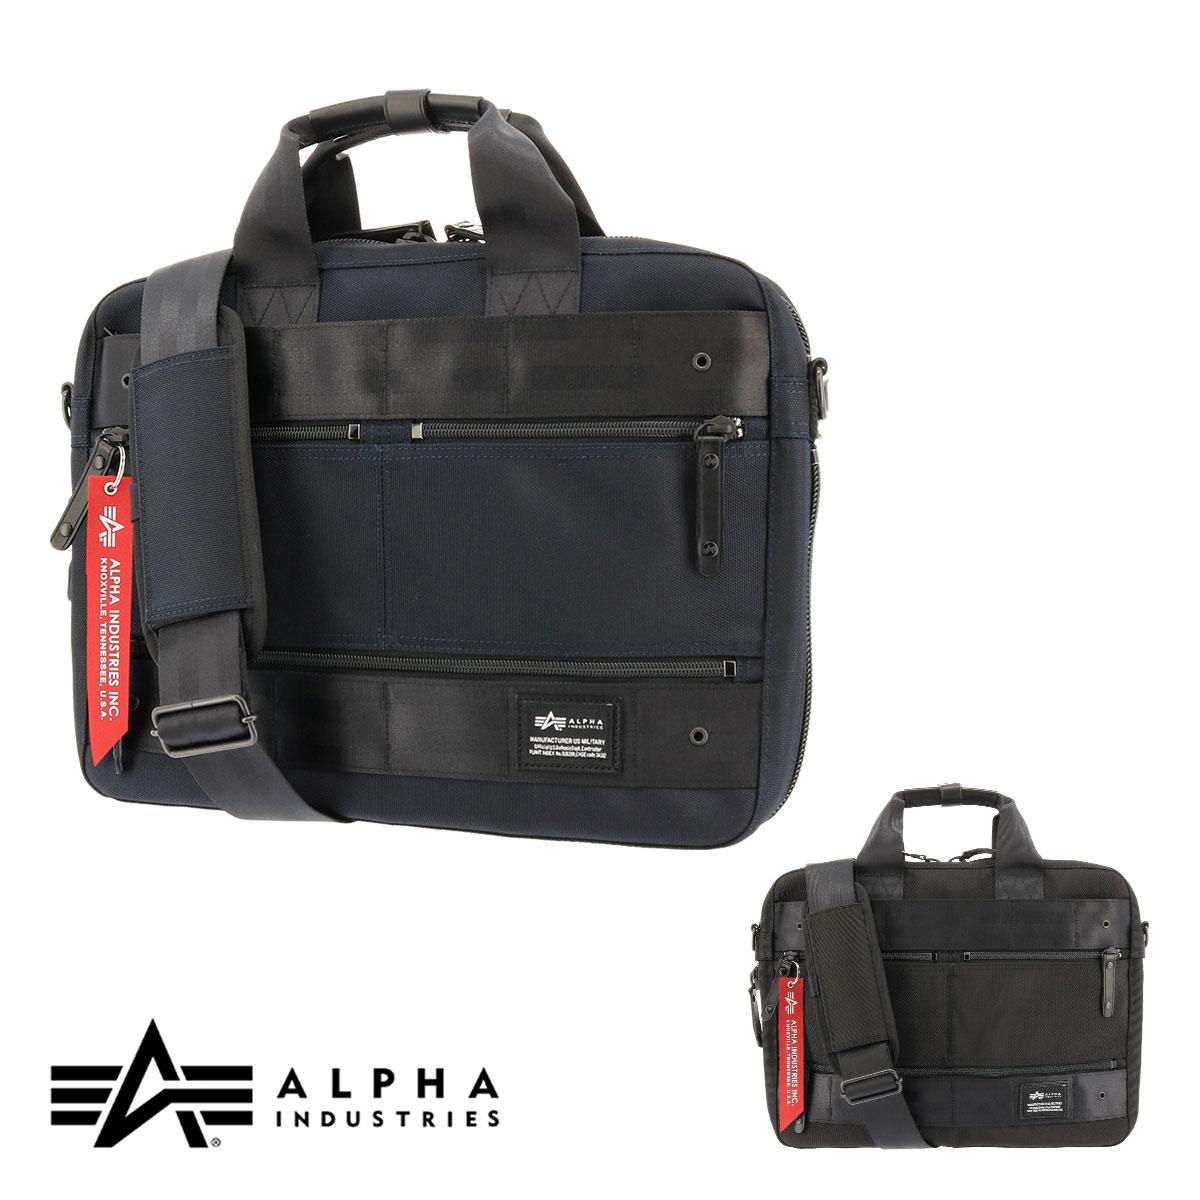 アルファ ブリーフケース メンズ 日本製 40103 ALPHA INDUSTRIES ビジネスバッグ